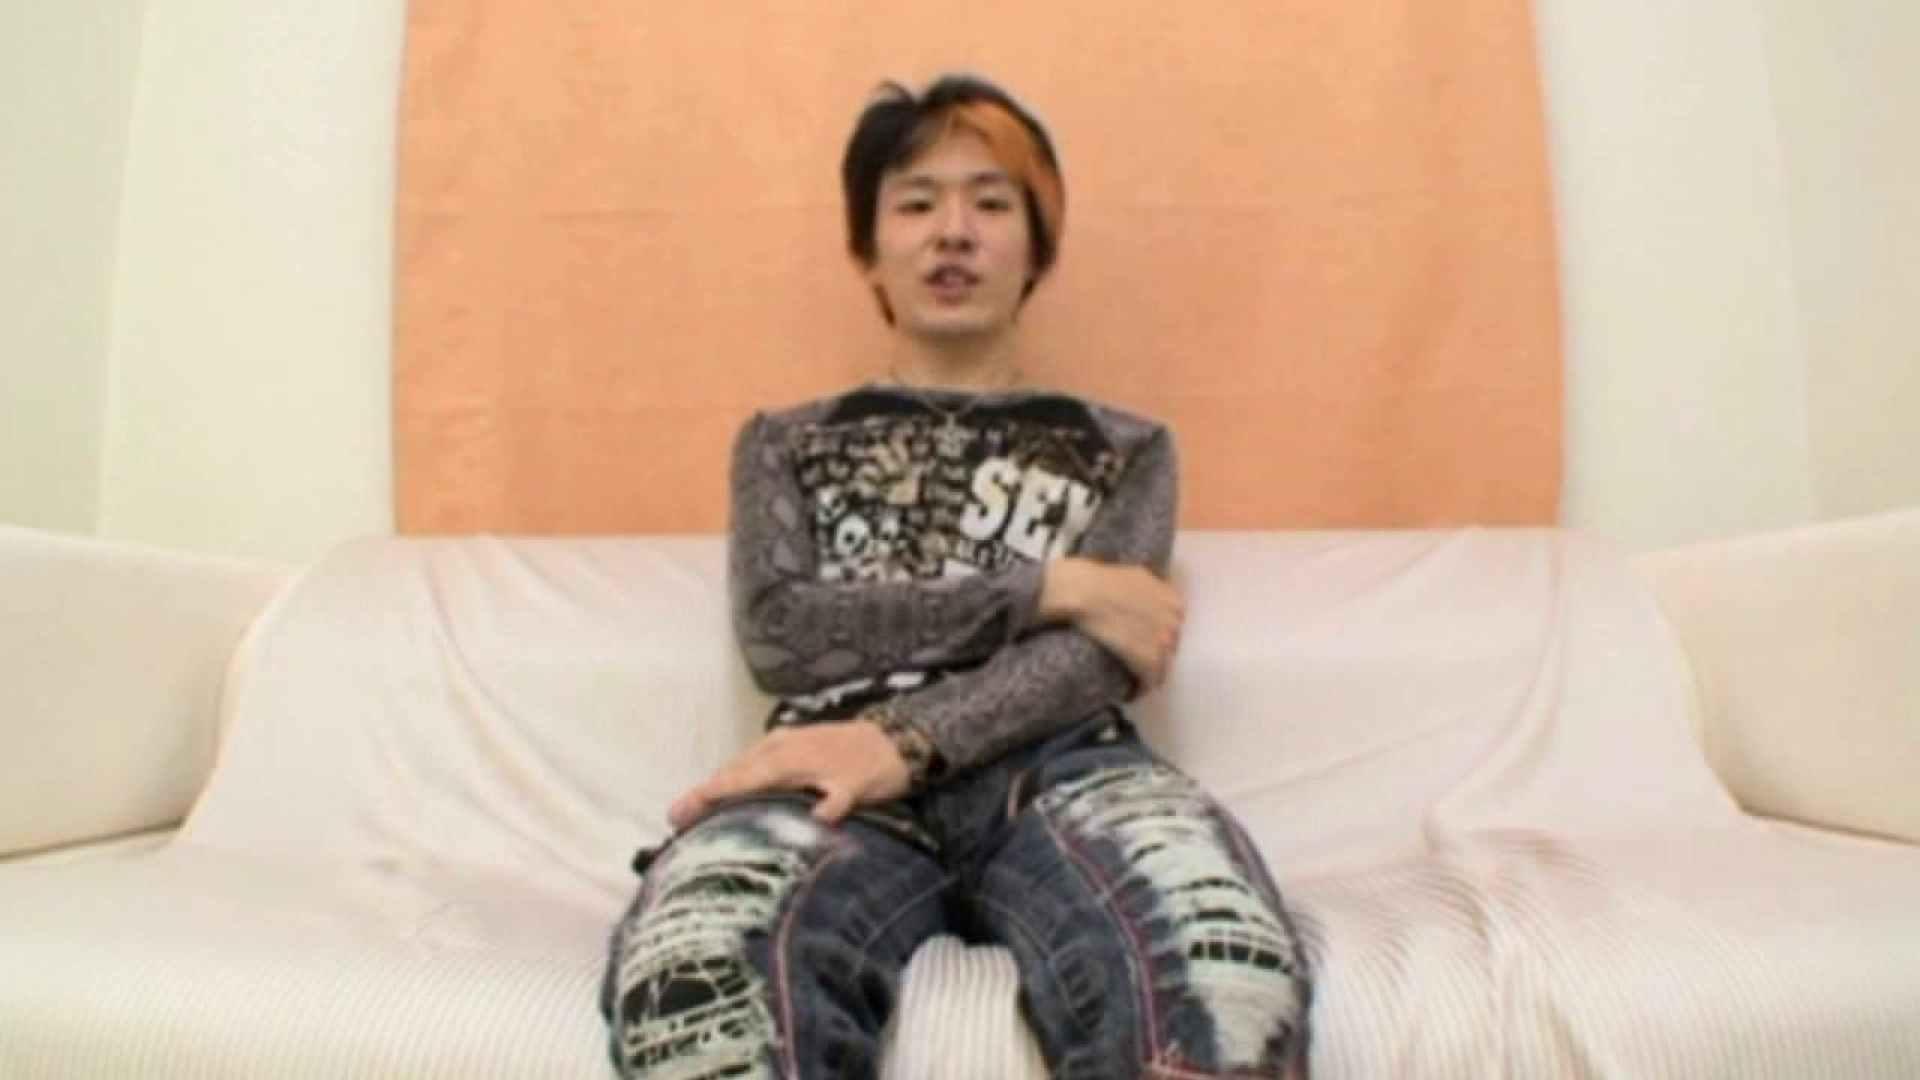 亜細亜のイケメンがイクっ!File.04 隠撮 ゲイアダルトビデオ画像 56pic 15